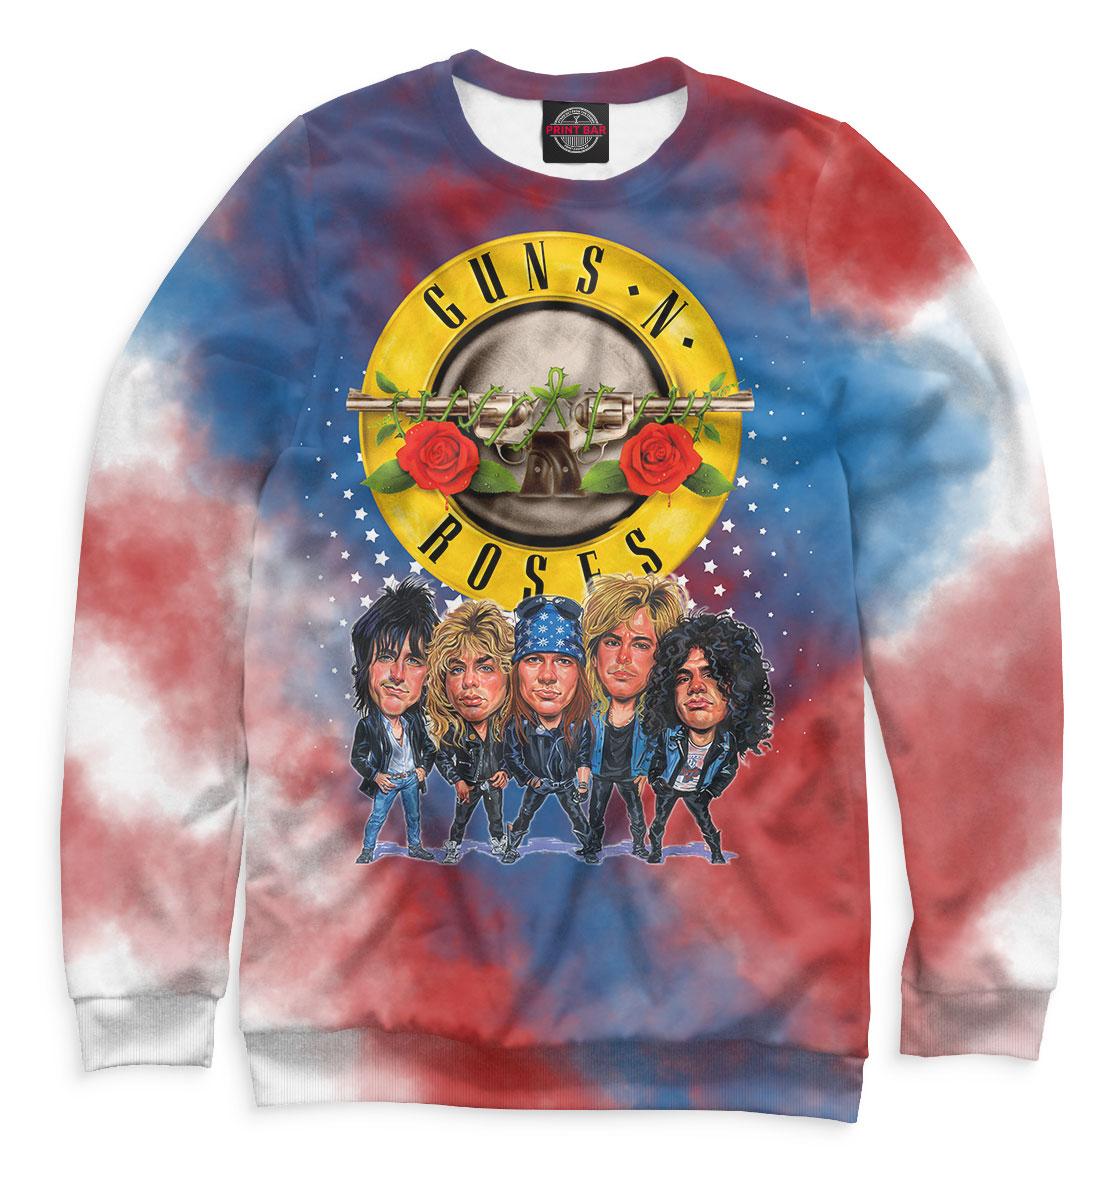 Купить Guns N' Roses, Printbar, Свитшоты, GNR-329135-swi-1